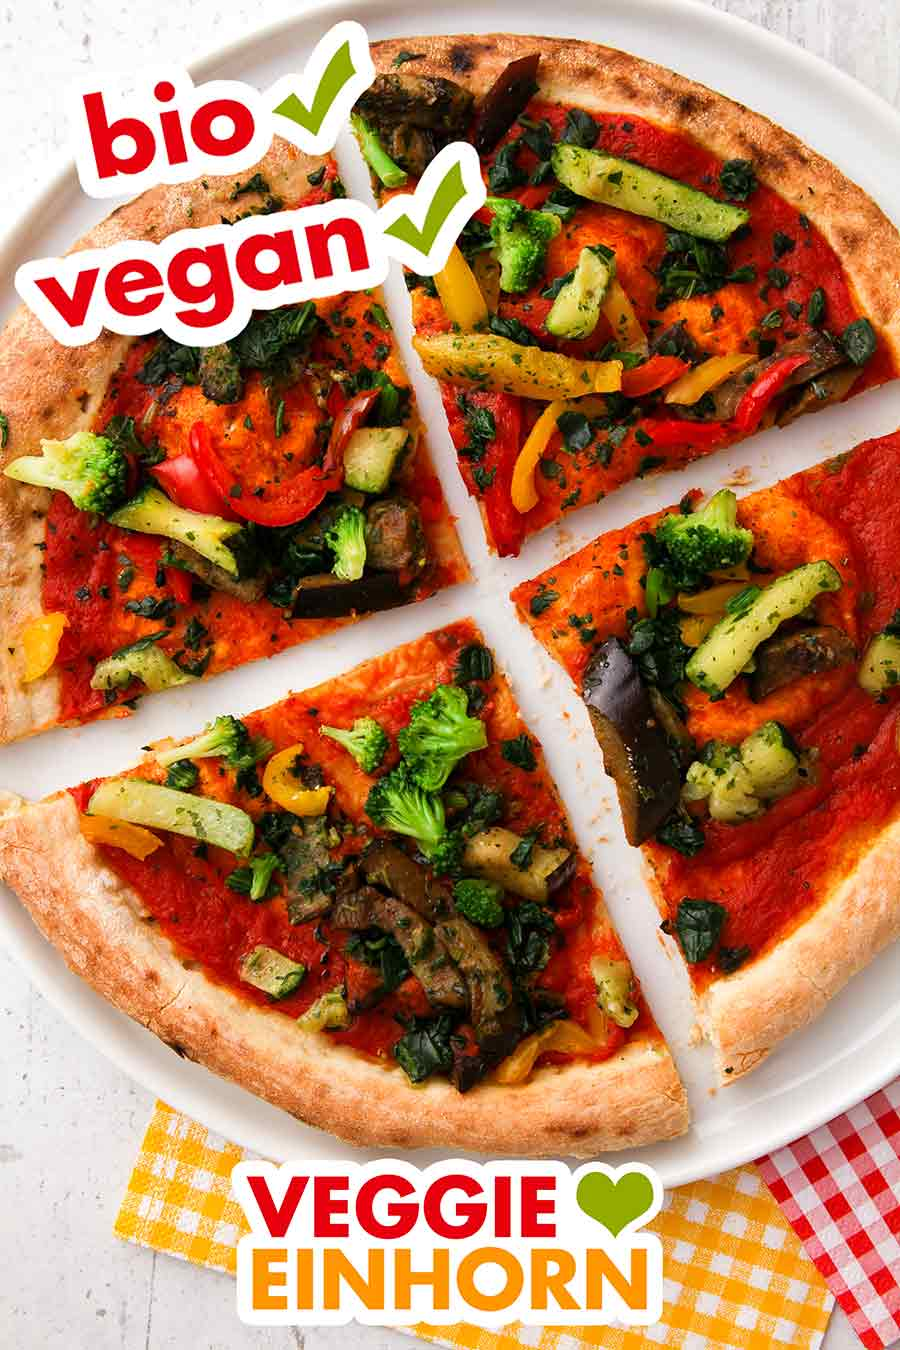 Vier Stücke der Bio Pizza Verdura Vegan auf einem Teller